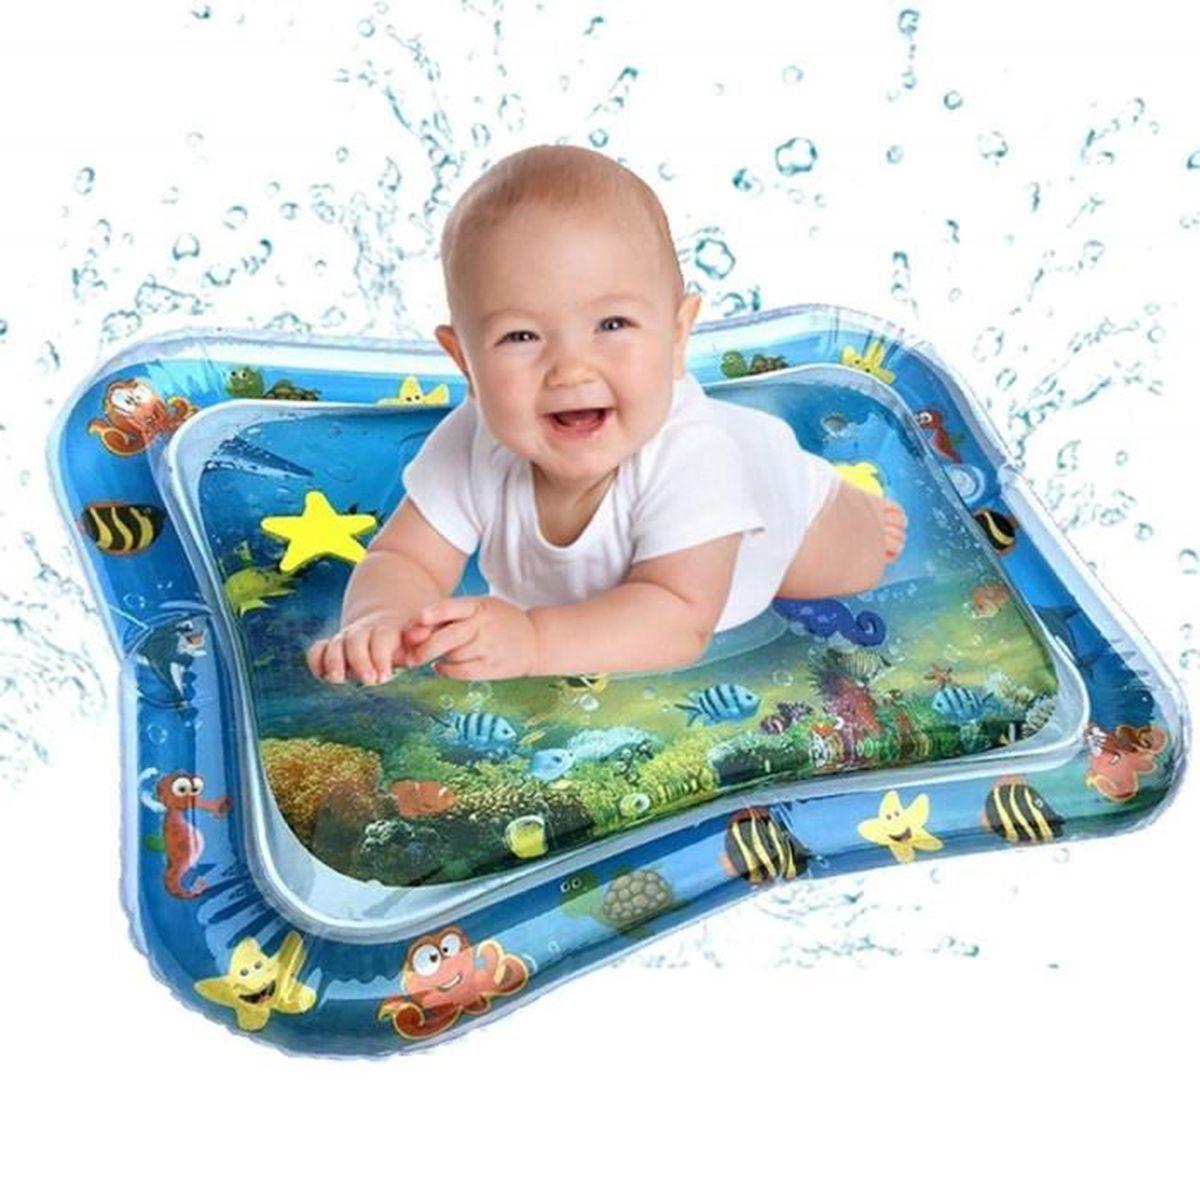 Tapis De Motricité Pas Cher tapis de jeu gonflé pour bébé - tapis de jeu gonflable rempli d'eau et  gonflable pour bébé